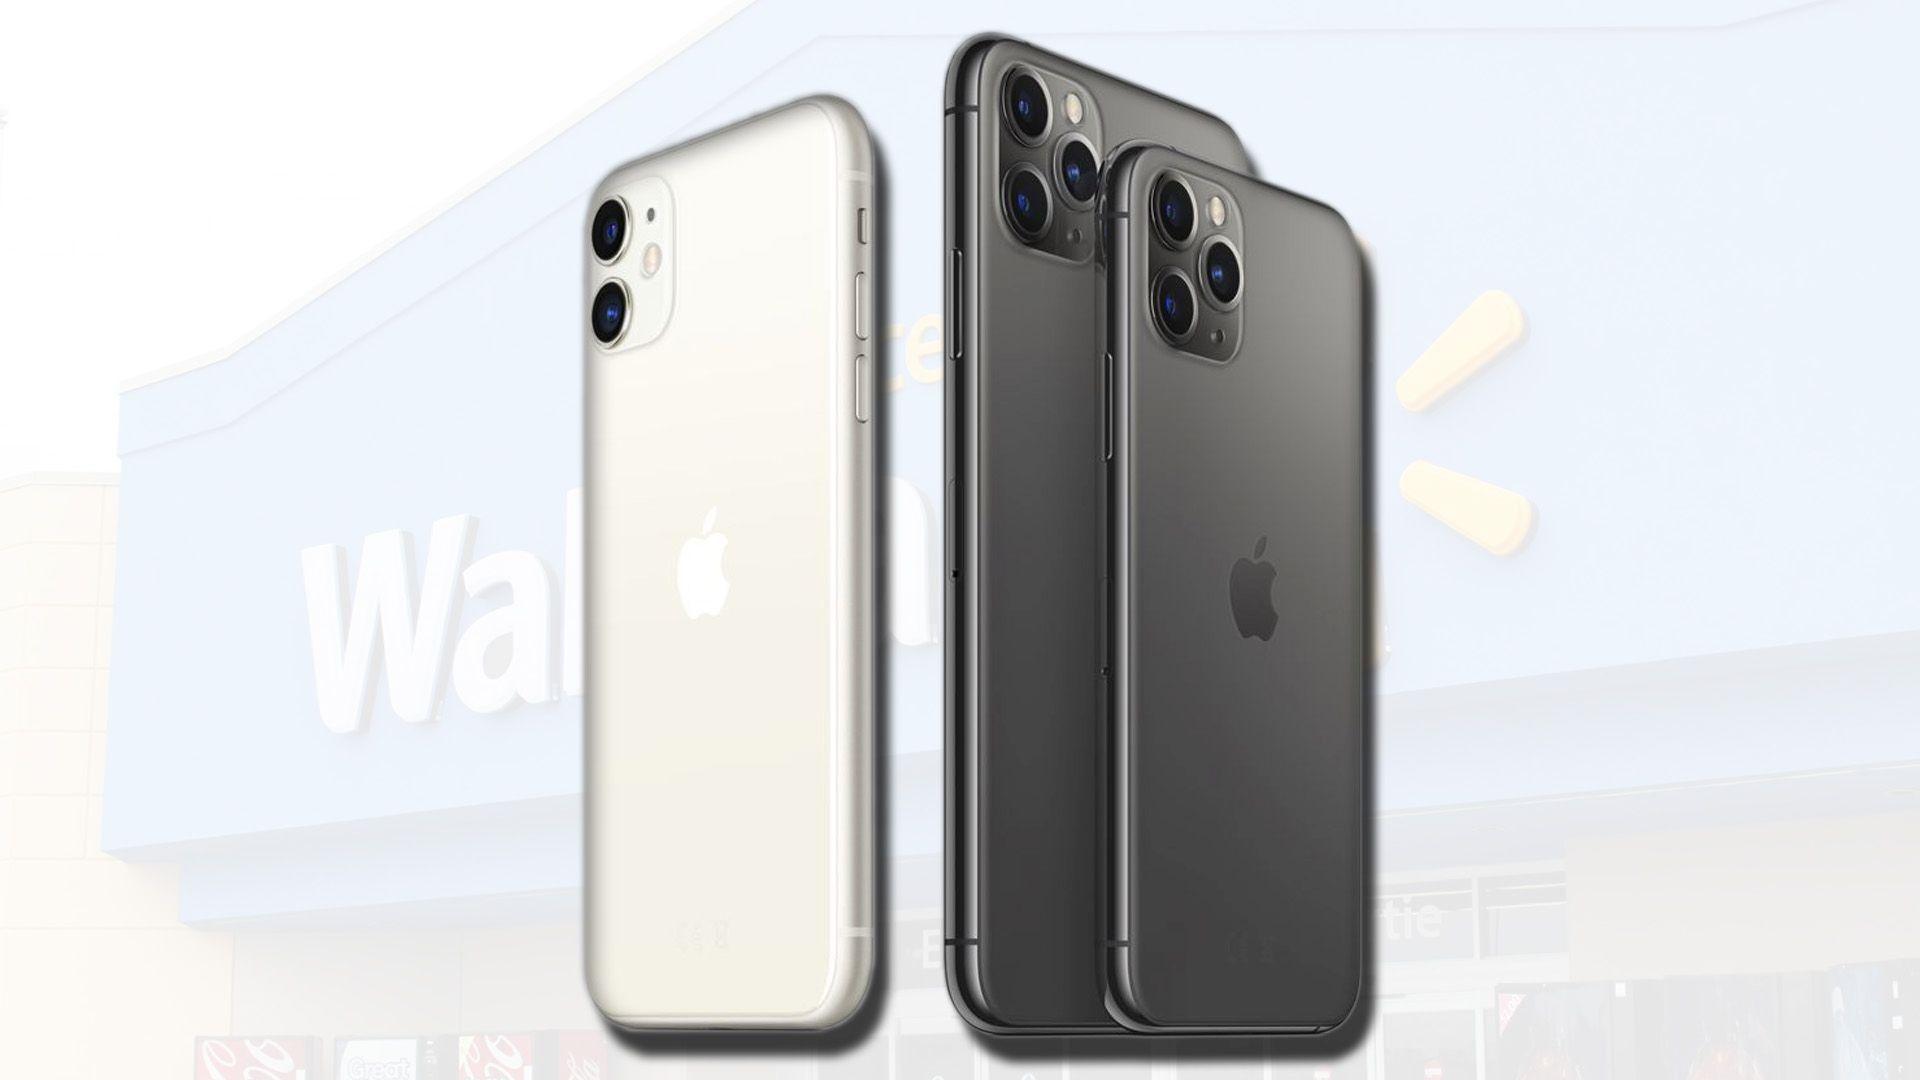 W trzecim kwartale 2019 roku spadek sprzedaży iPhone'ów